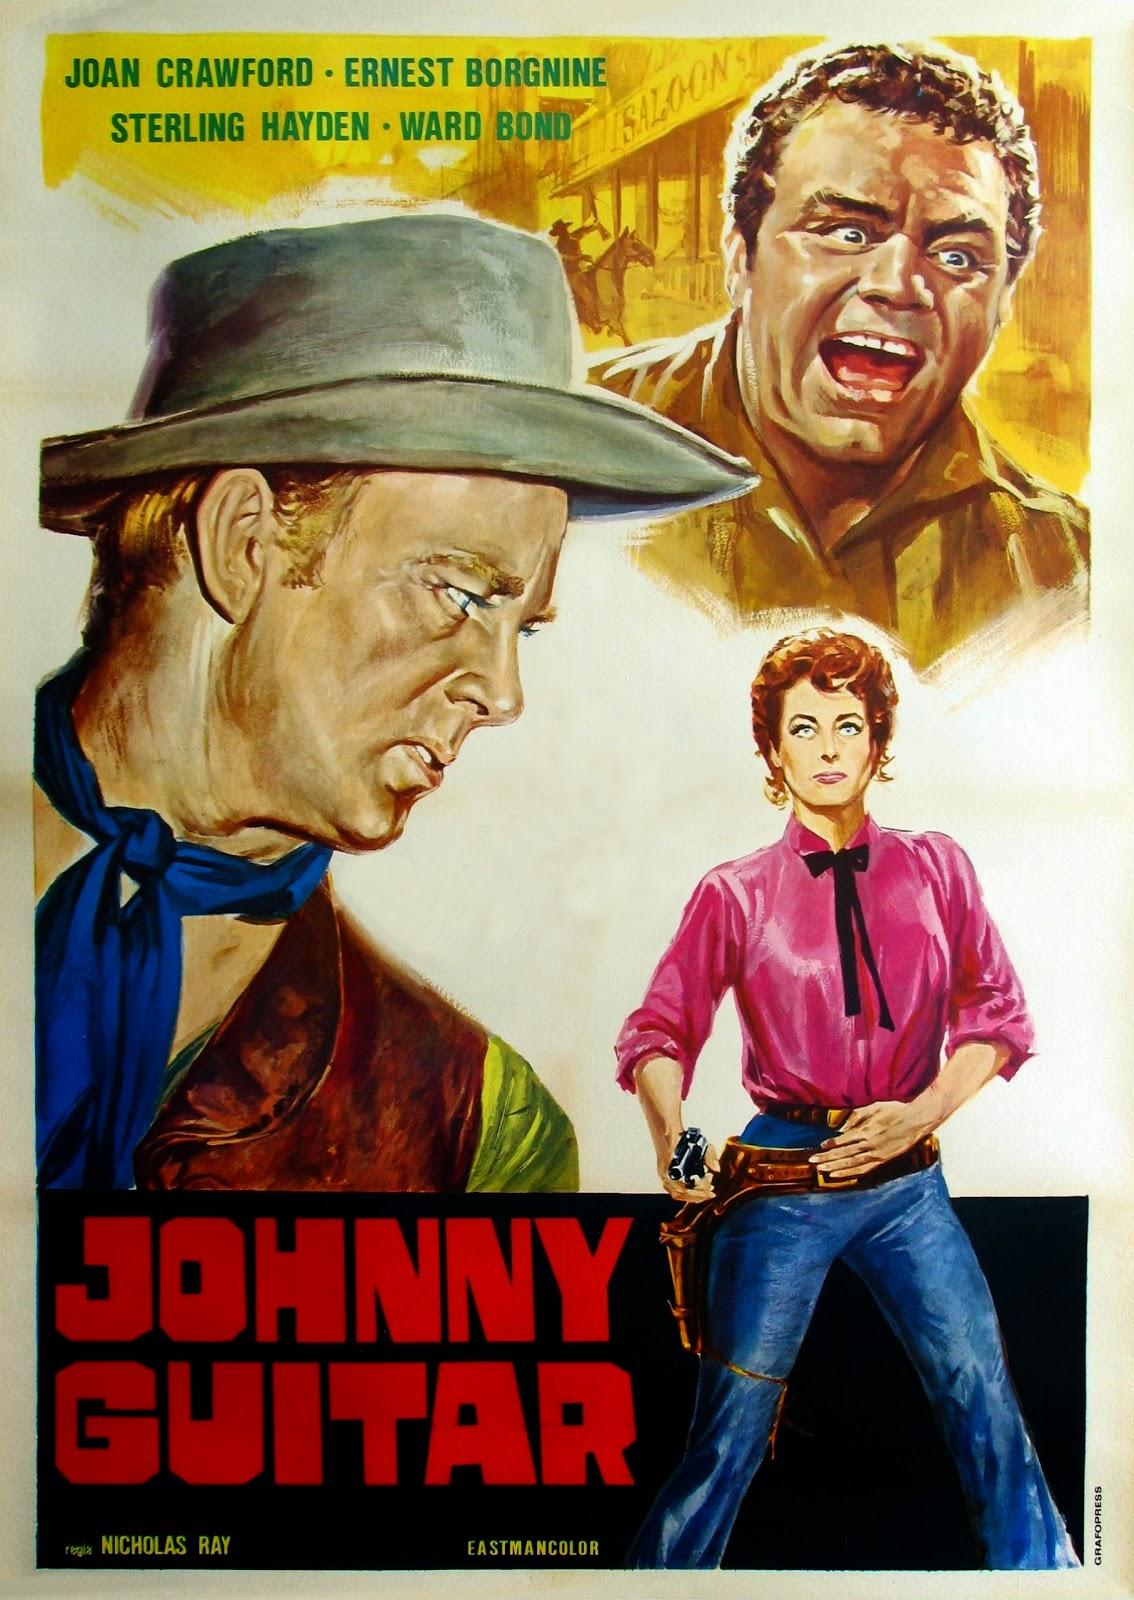 Jonny Guitar 1954 | Caratula